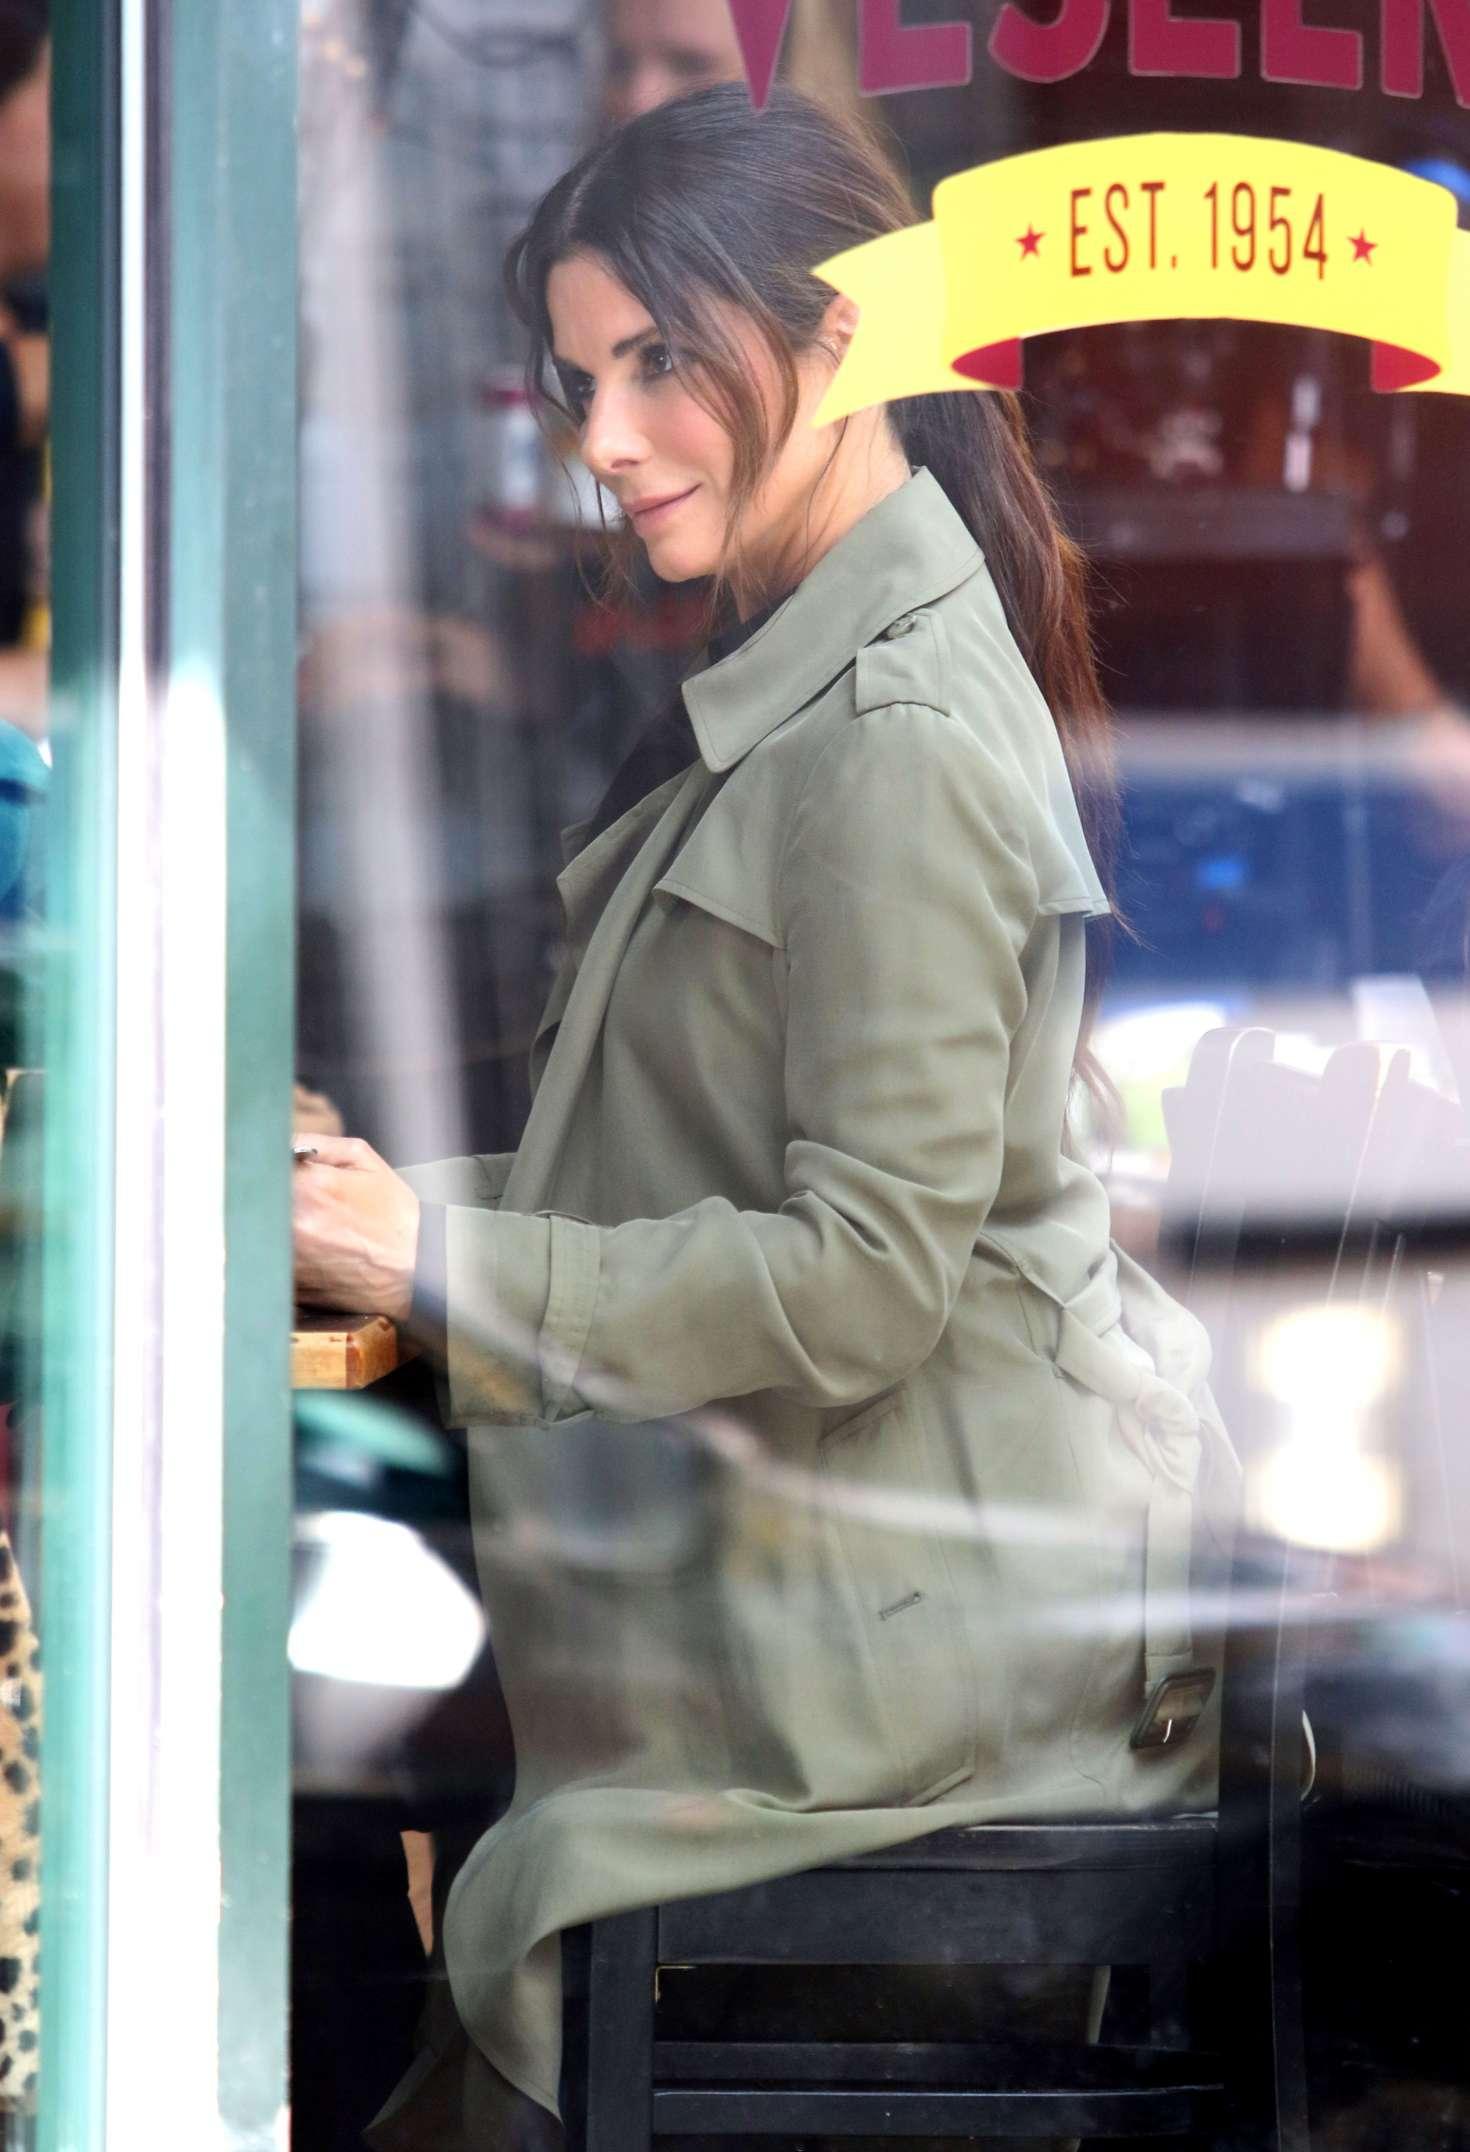 Sandra Bullock - Filming reshoots for 'Oceans 8' in New York City